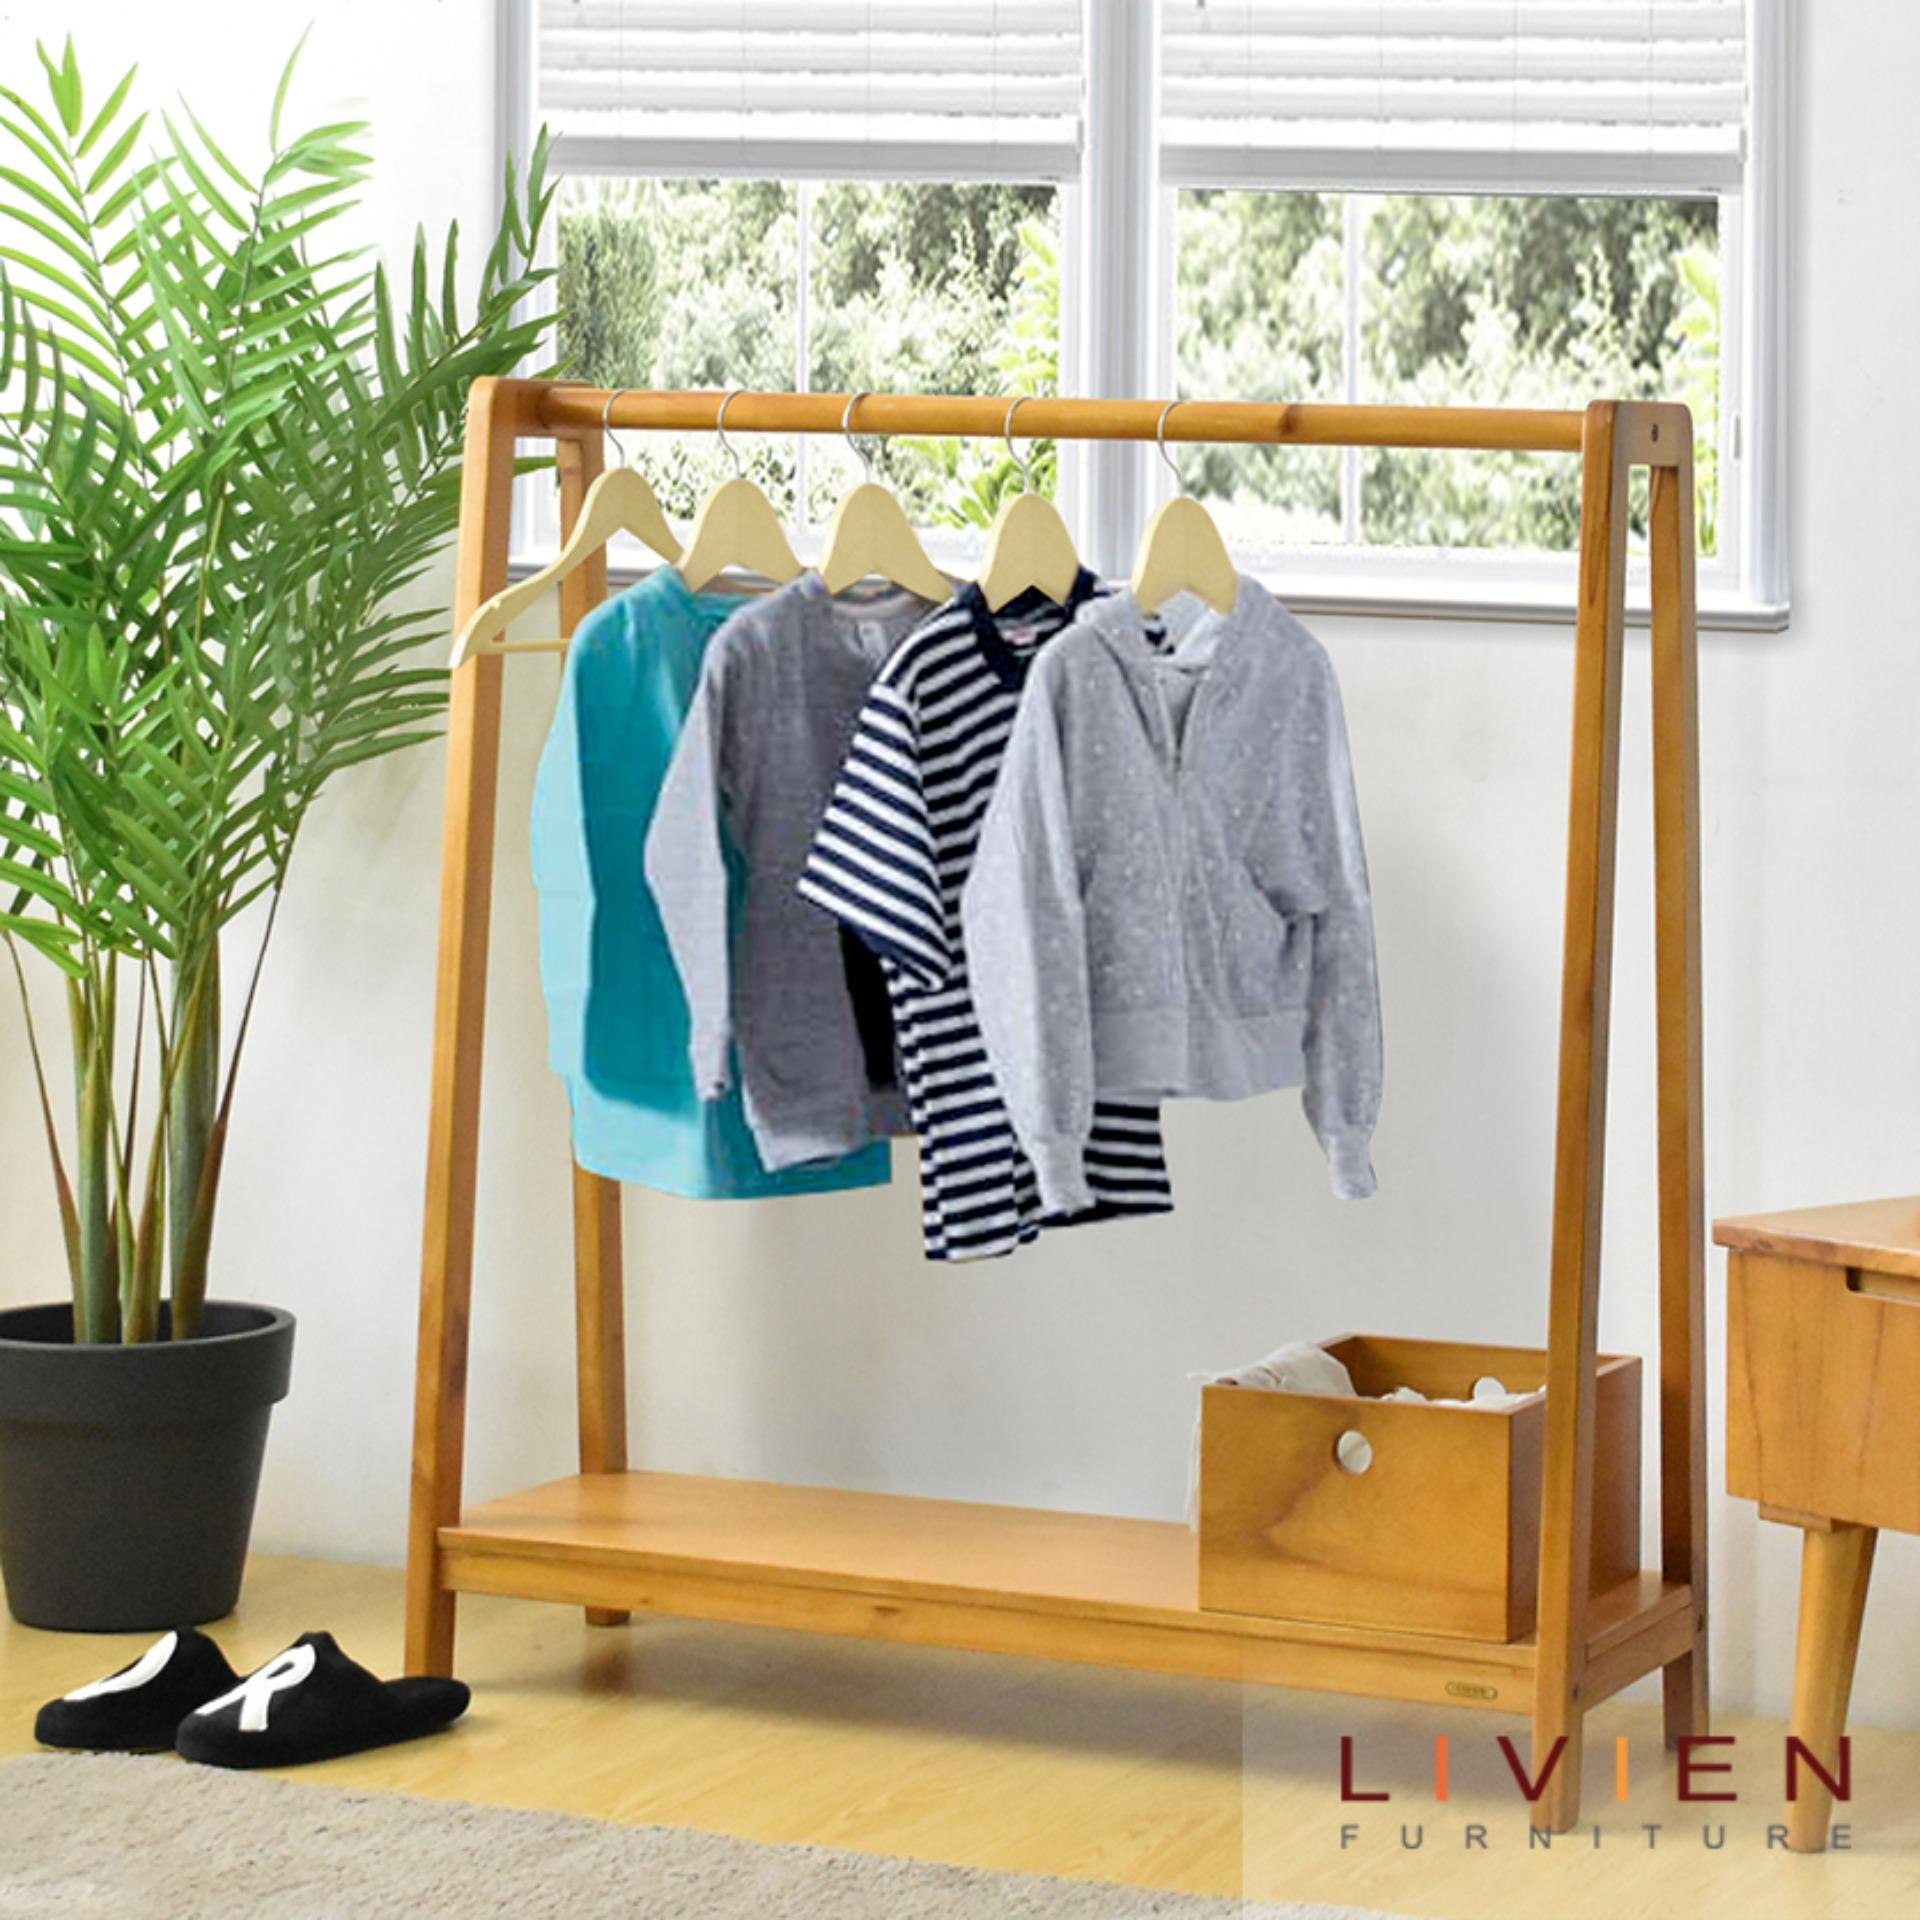 LIVIEN - Rak Baju Gantung / Hanger / Axelle Standing Hanger